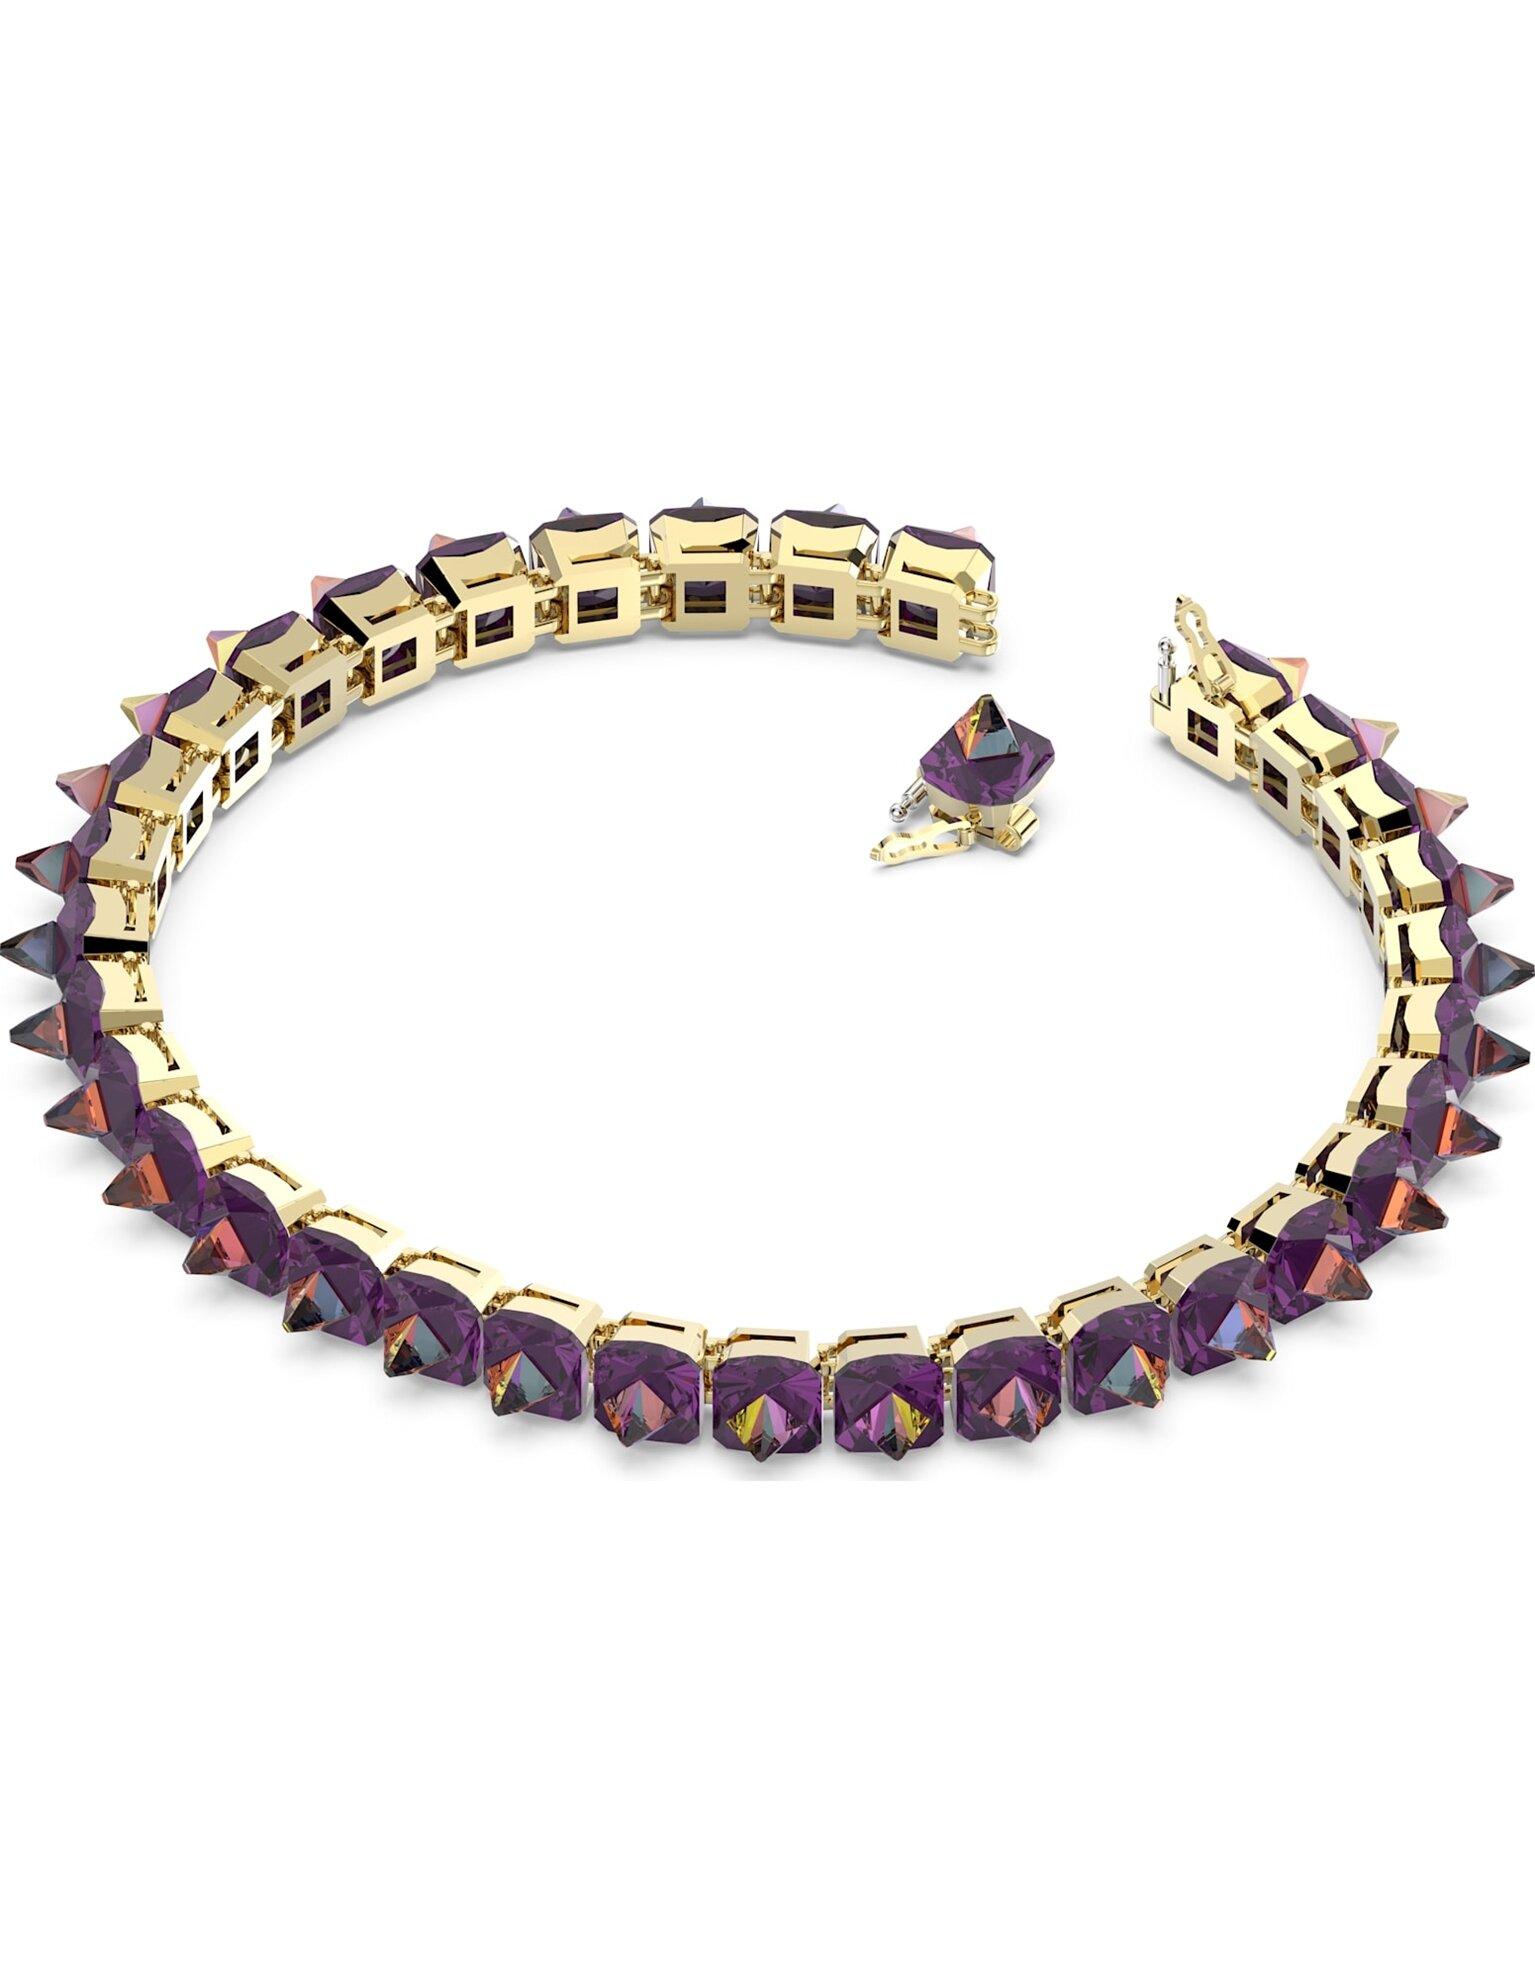 Picture of Chroma Gerdanlık, Sivri uç kristaller, Mor, Altın rengi kaplama